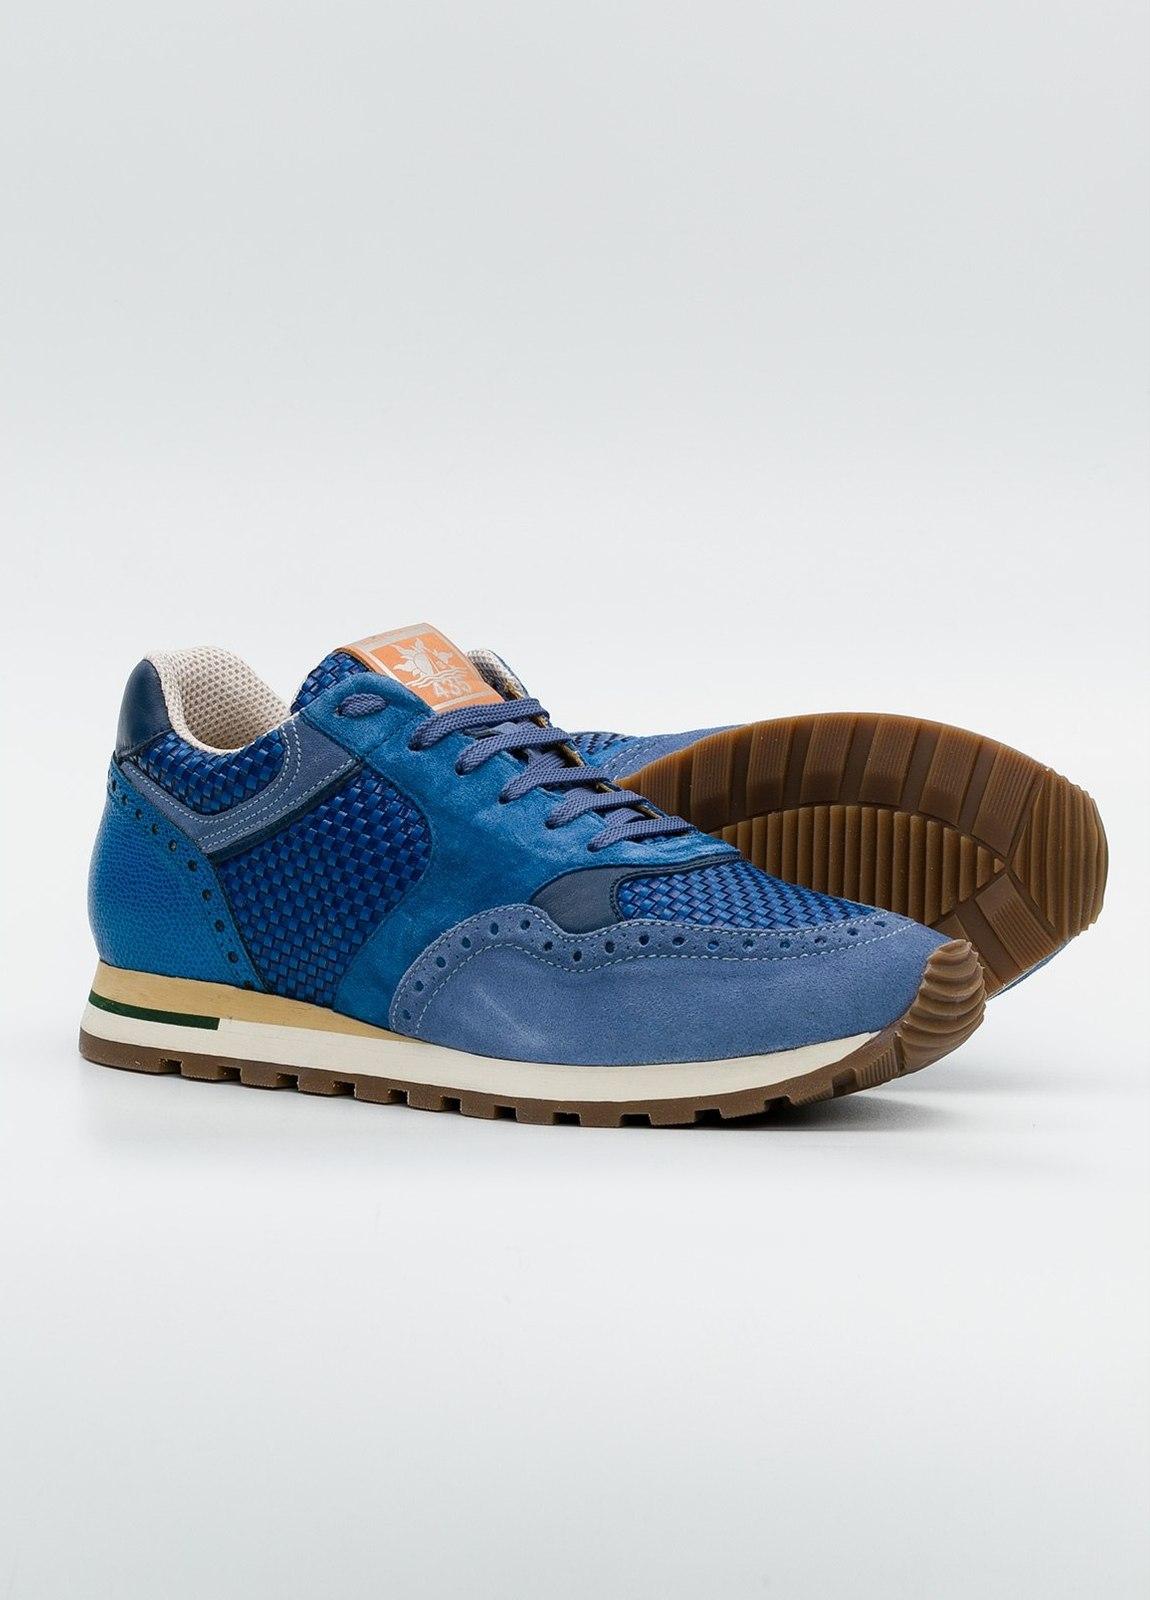 Calzado Sport color azul, serraje y piel. - Ítem1